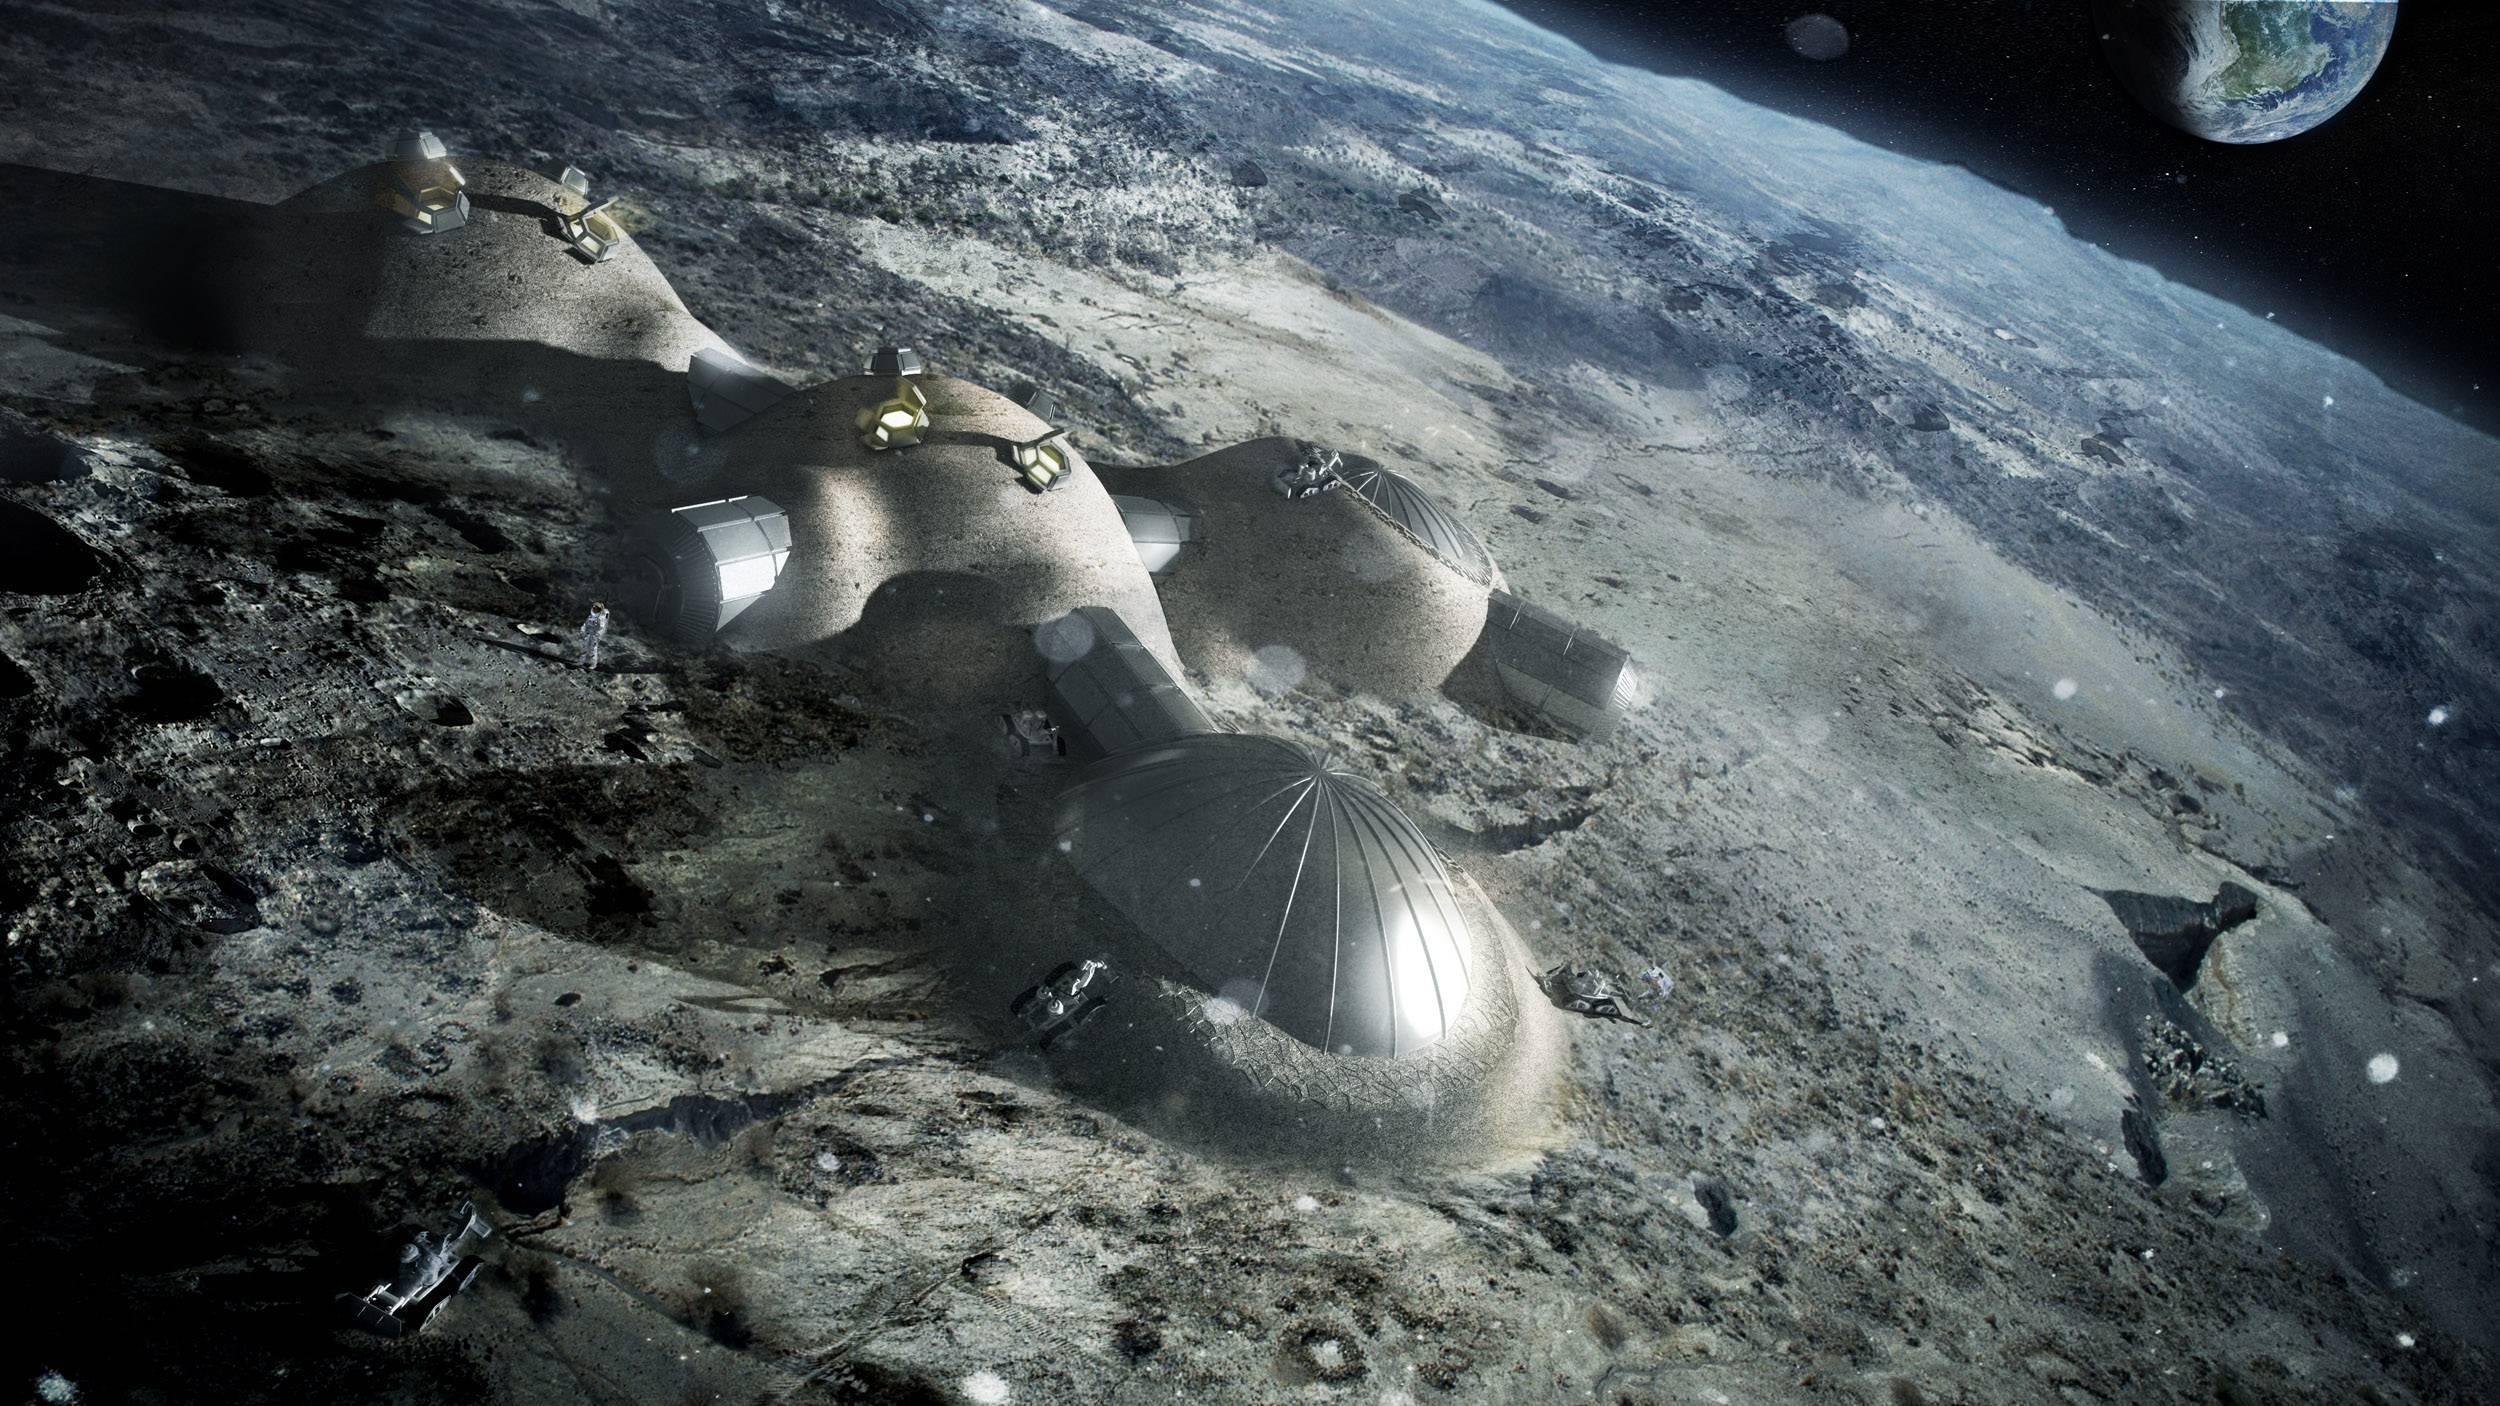 Роскосмос оценил затраты на лунную программу в 205 млрд рублей